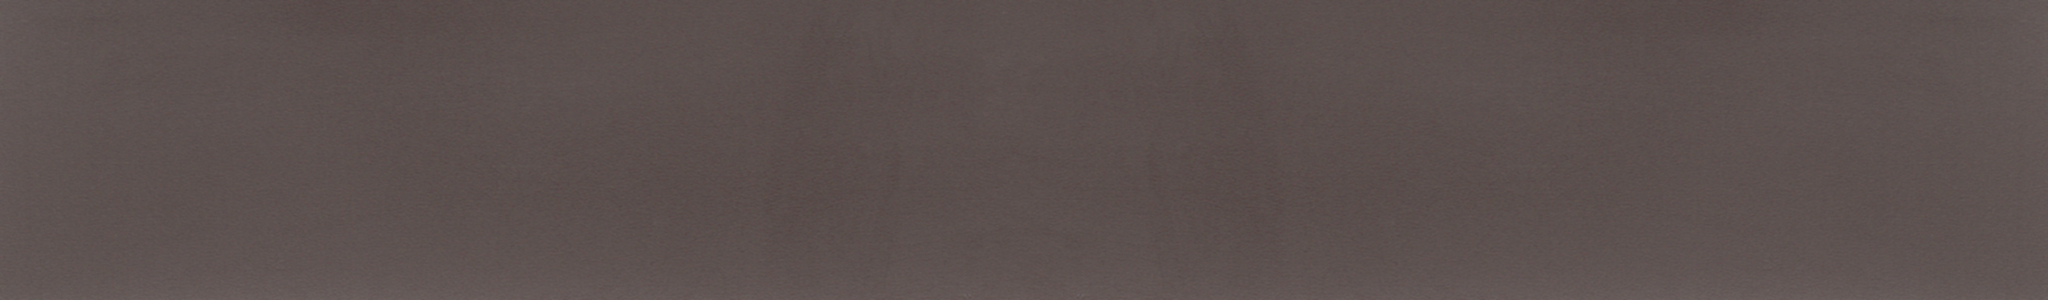 HU 18627 ABS hrana kakao hladká mat